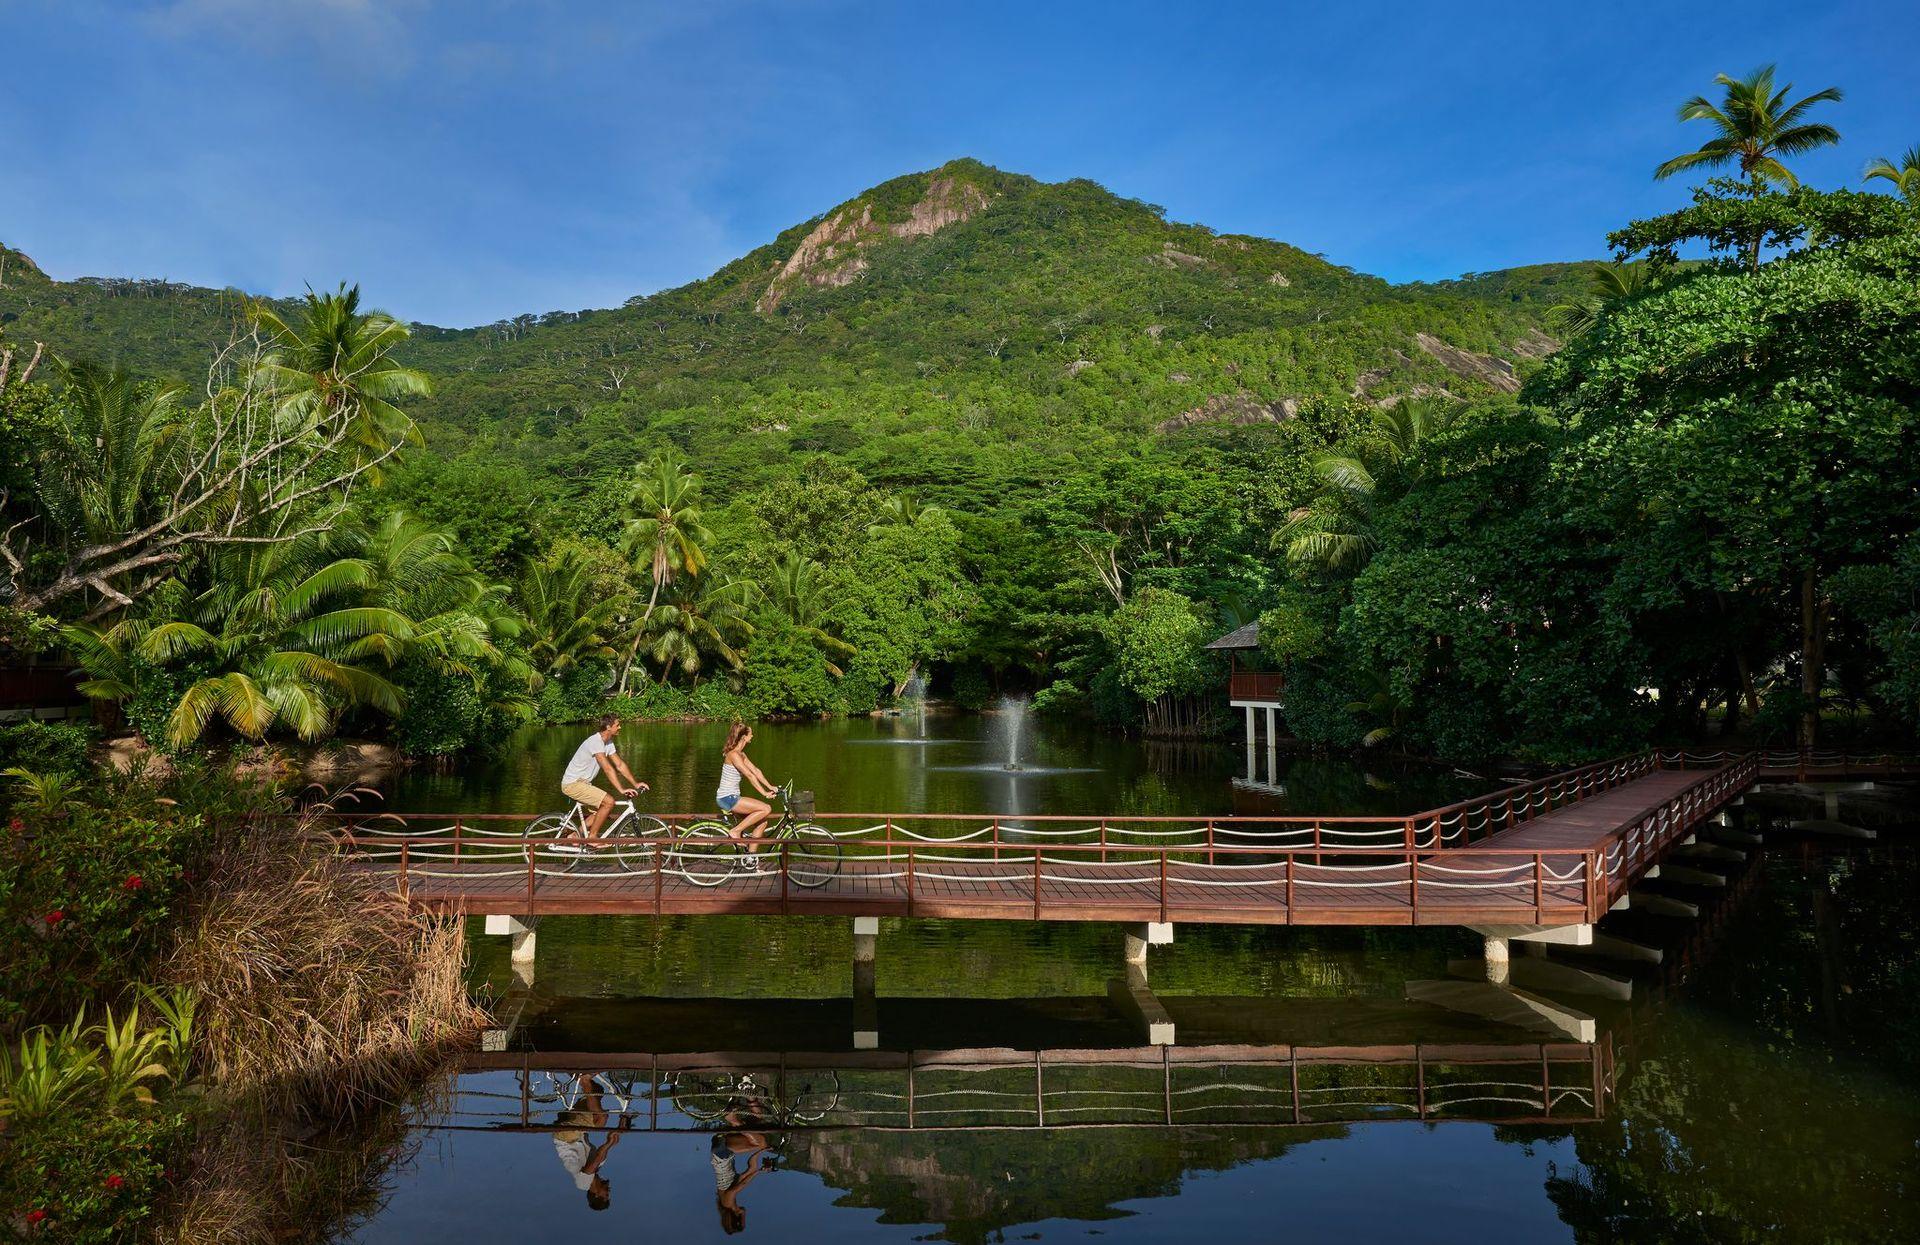 Hilton Seychelles Labriz Resort & Spa розташований в Національному парку, на білосніжному піщаному пляжі острова Силует.  Це єдиний готель на острові, 95% якого покриті лісами національного парку.